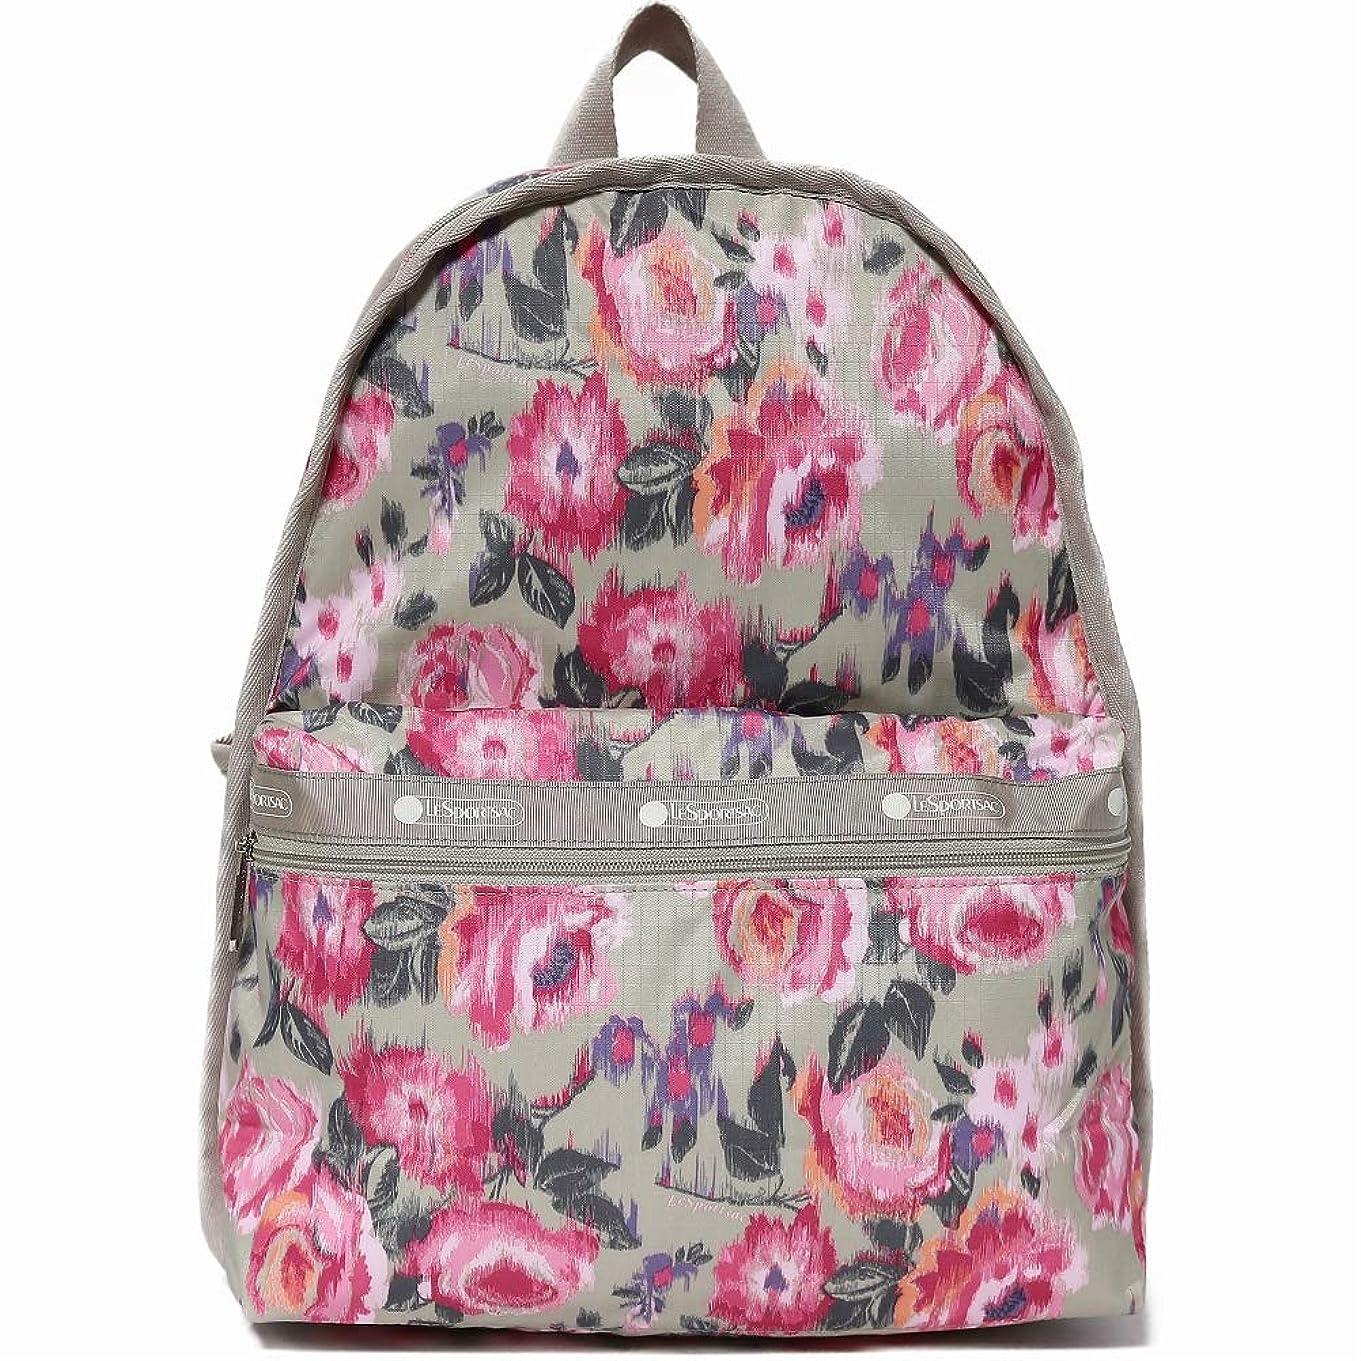 バクテリアクレタ他の場所LeSportsac レスポートサック リュックサック 7812 Basic Backpack E143 NIGHT BLOOMS [並行輸入品]